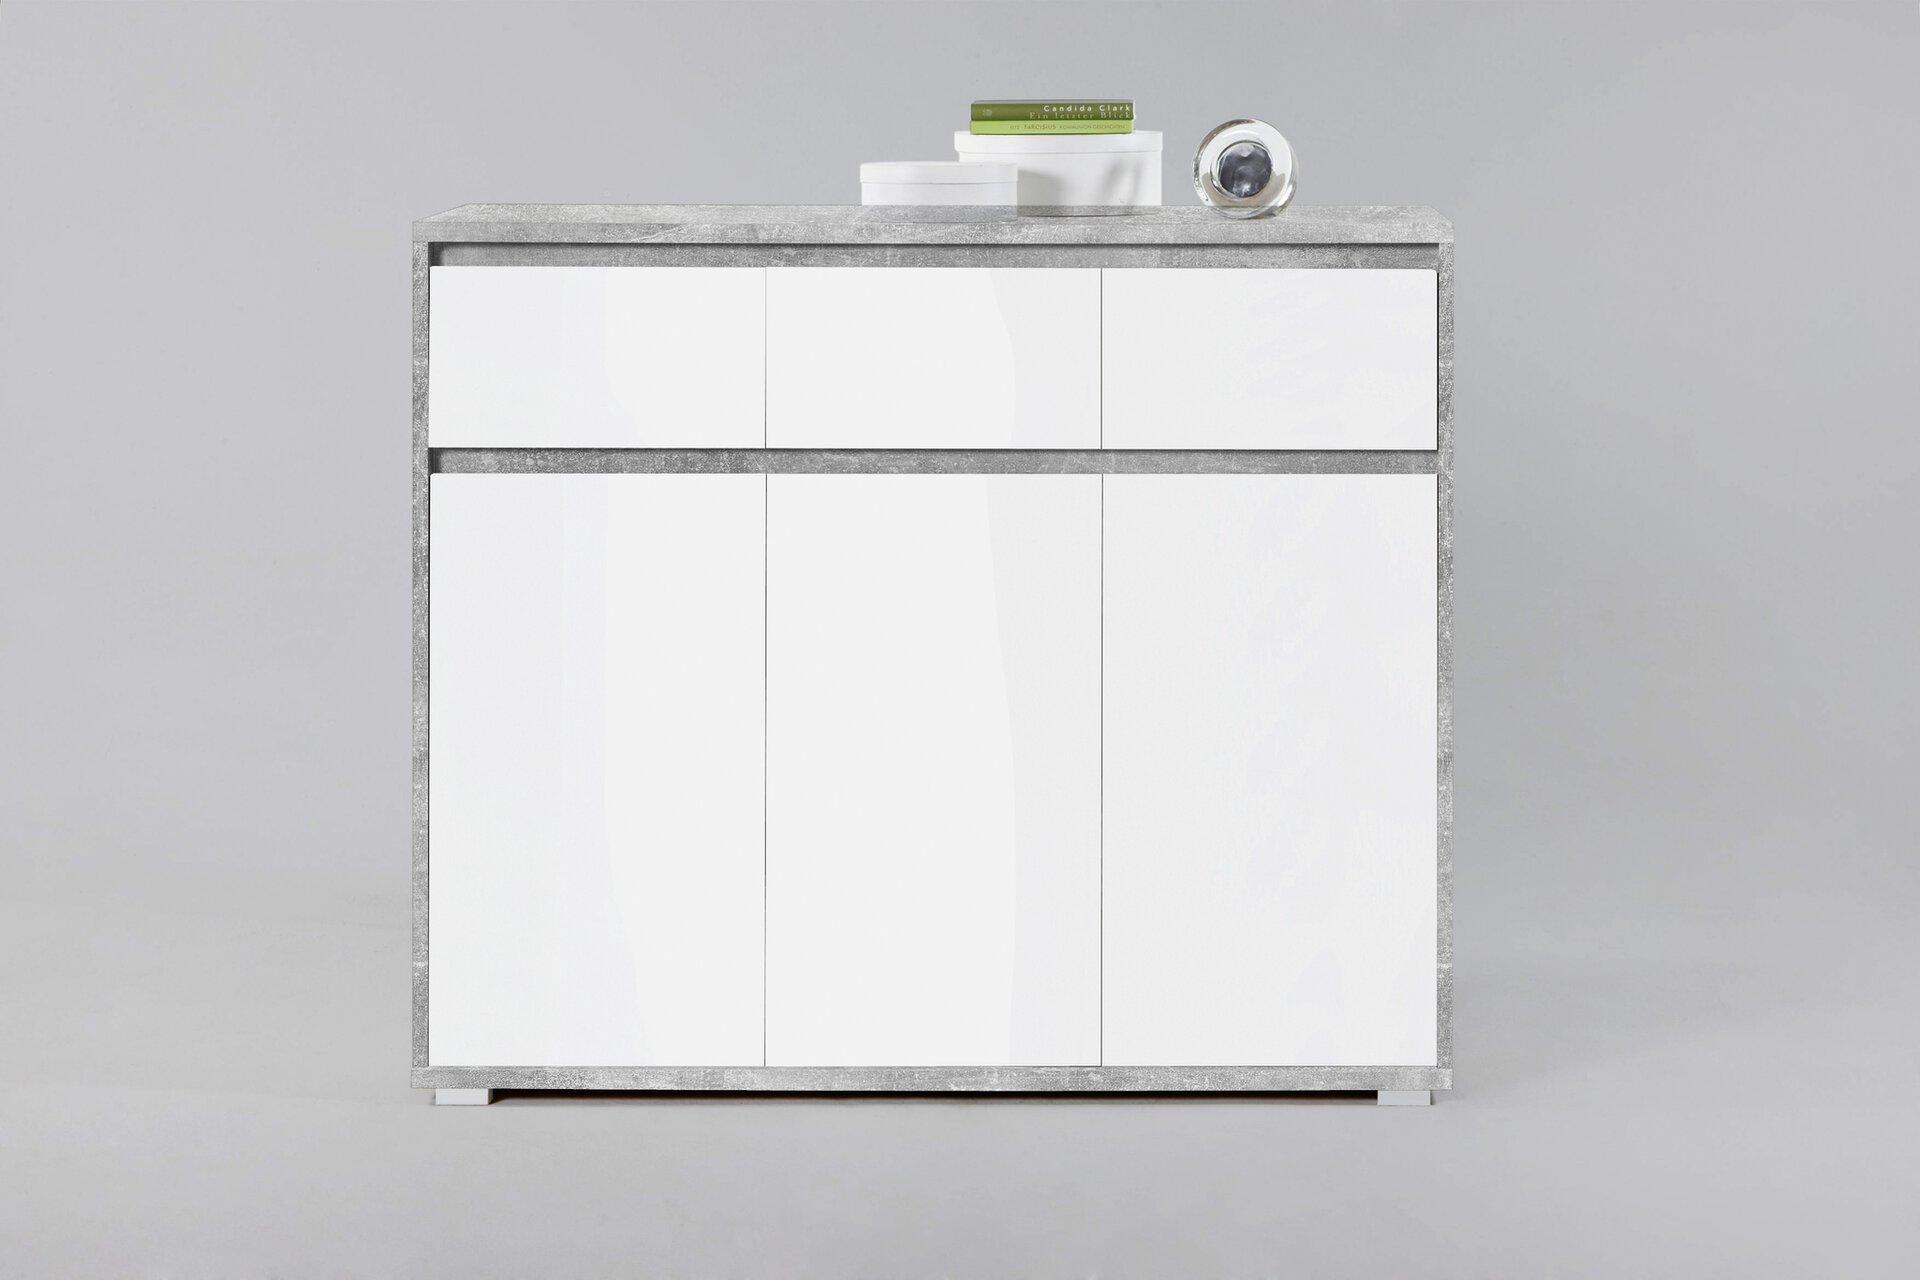 Kommode IKARUS inbuy Holzwerkstoff 48 x 103 x 118 cm